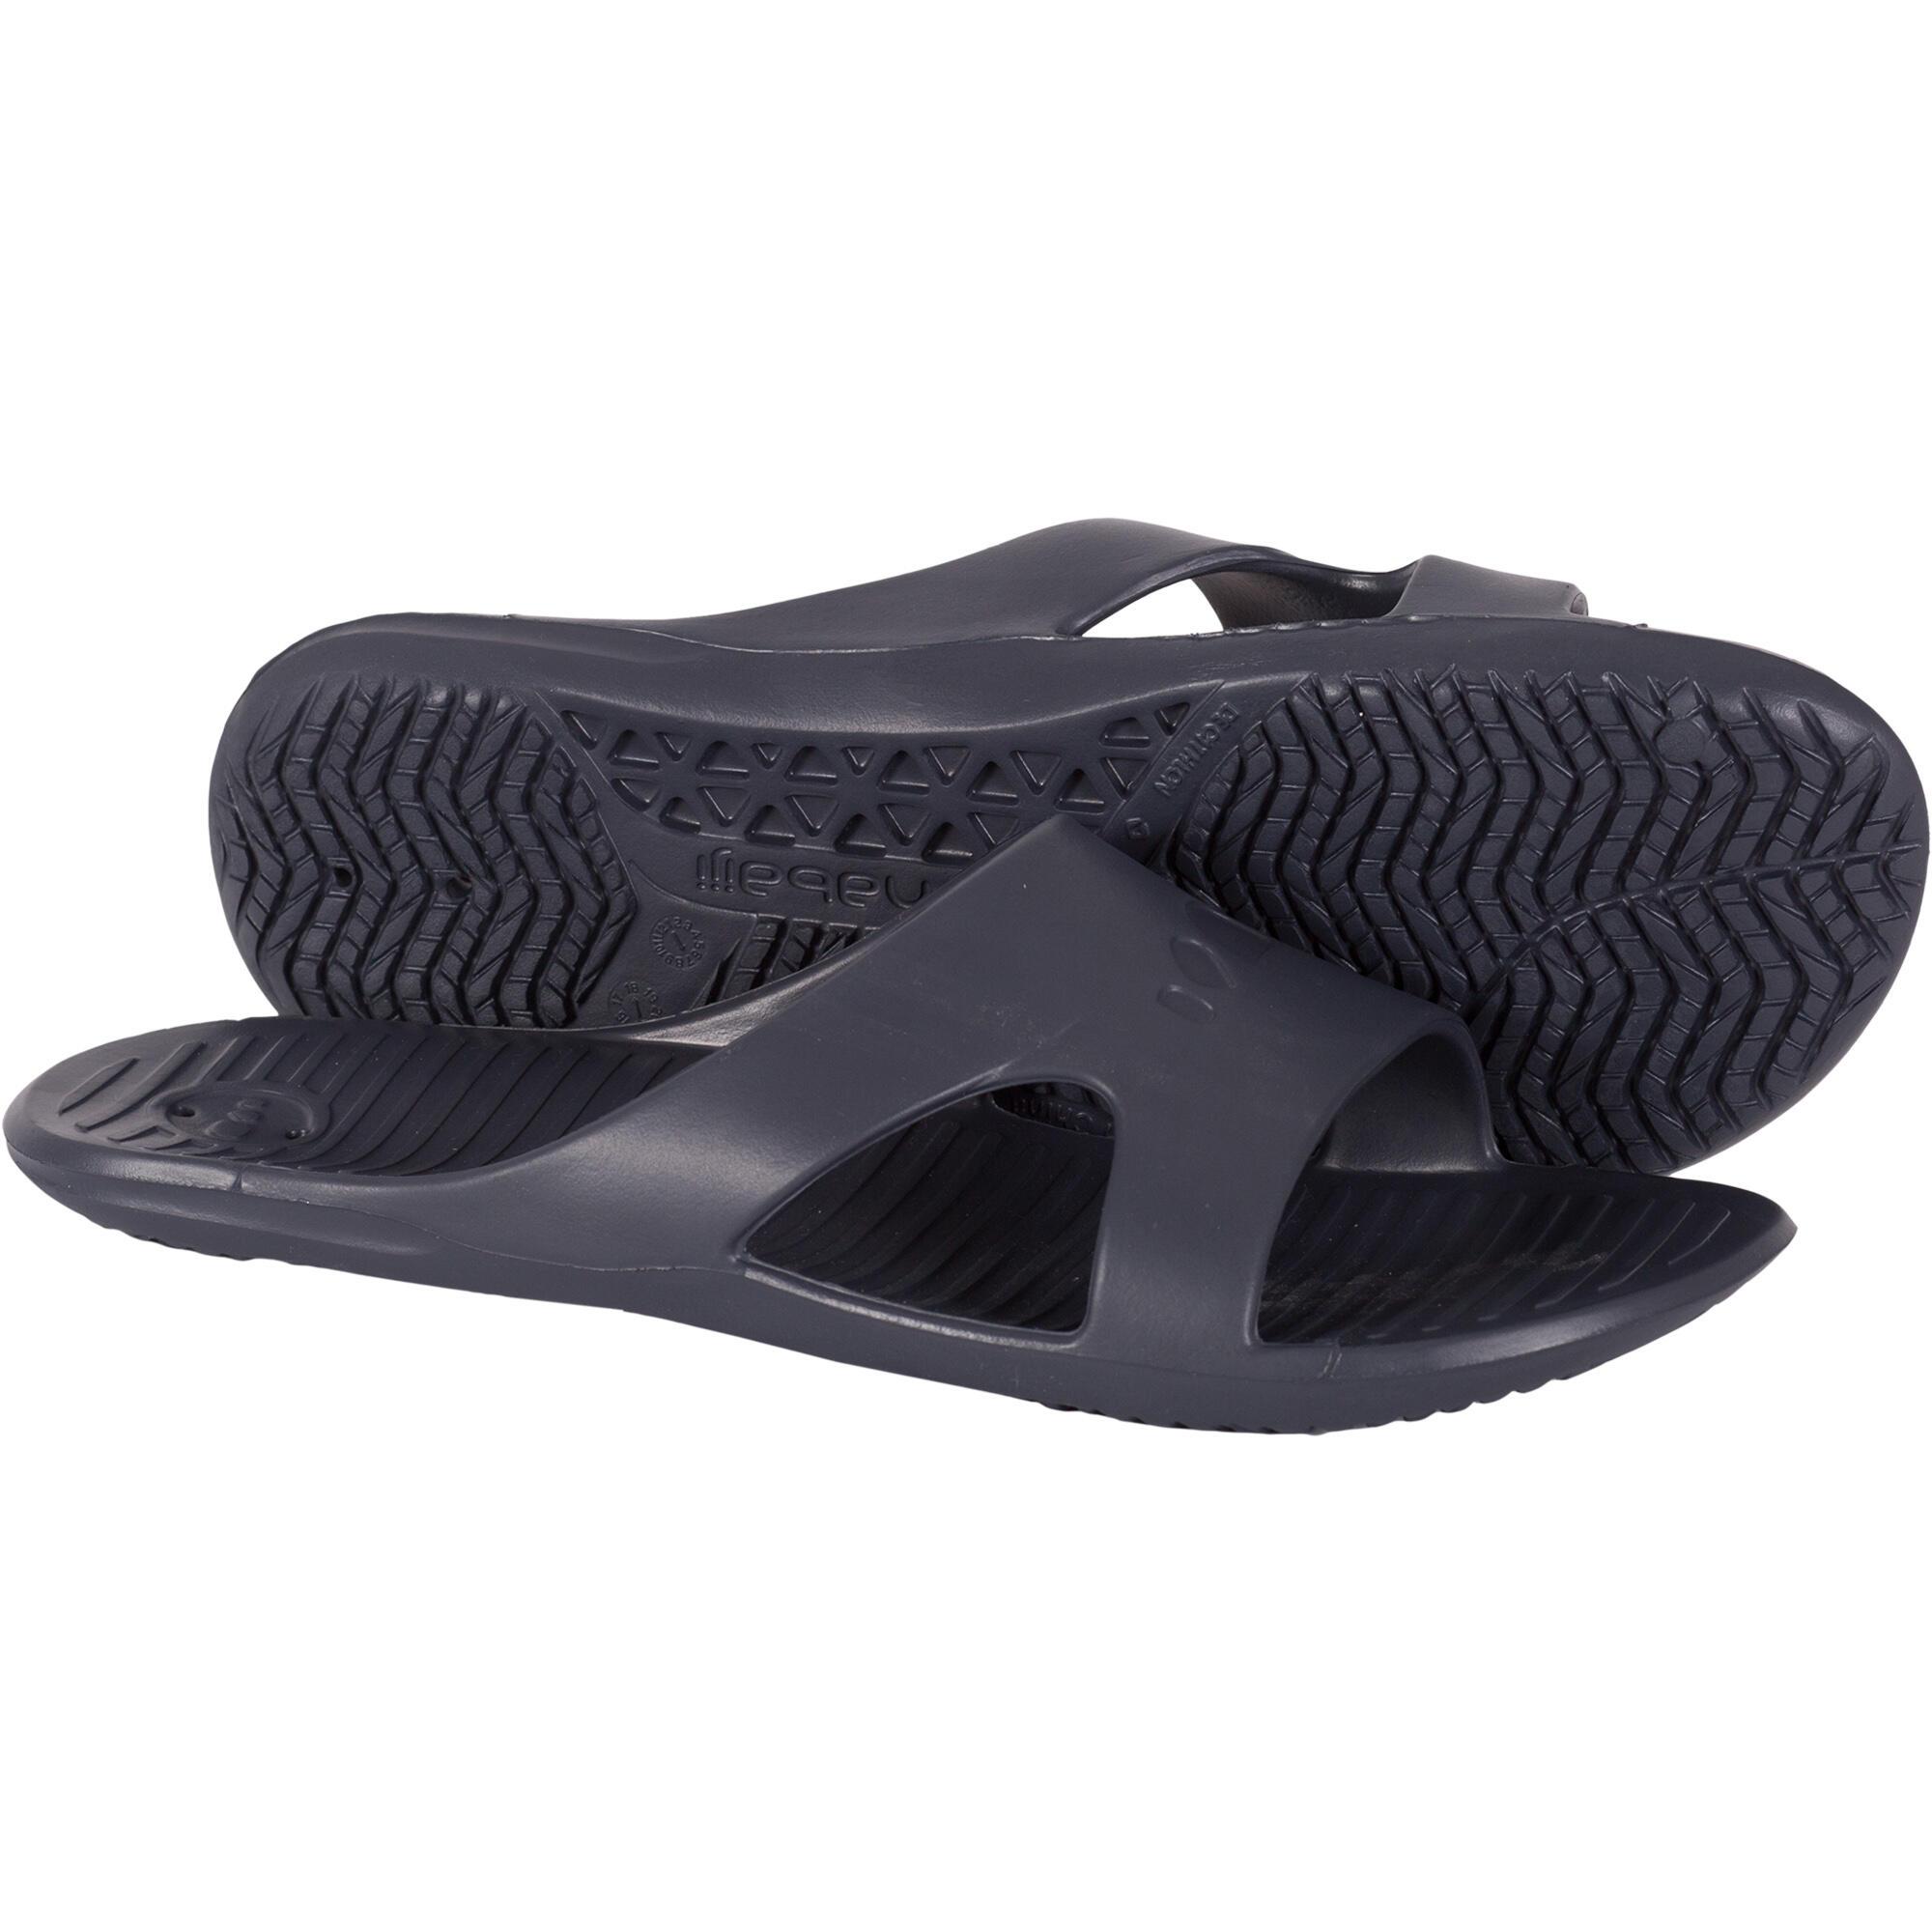 prix fou Couleurs variées prix plus bas avec Claquettes, sandales, tongs et chaussons de piscine | DECATHLON